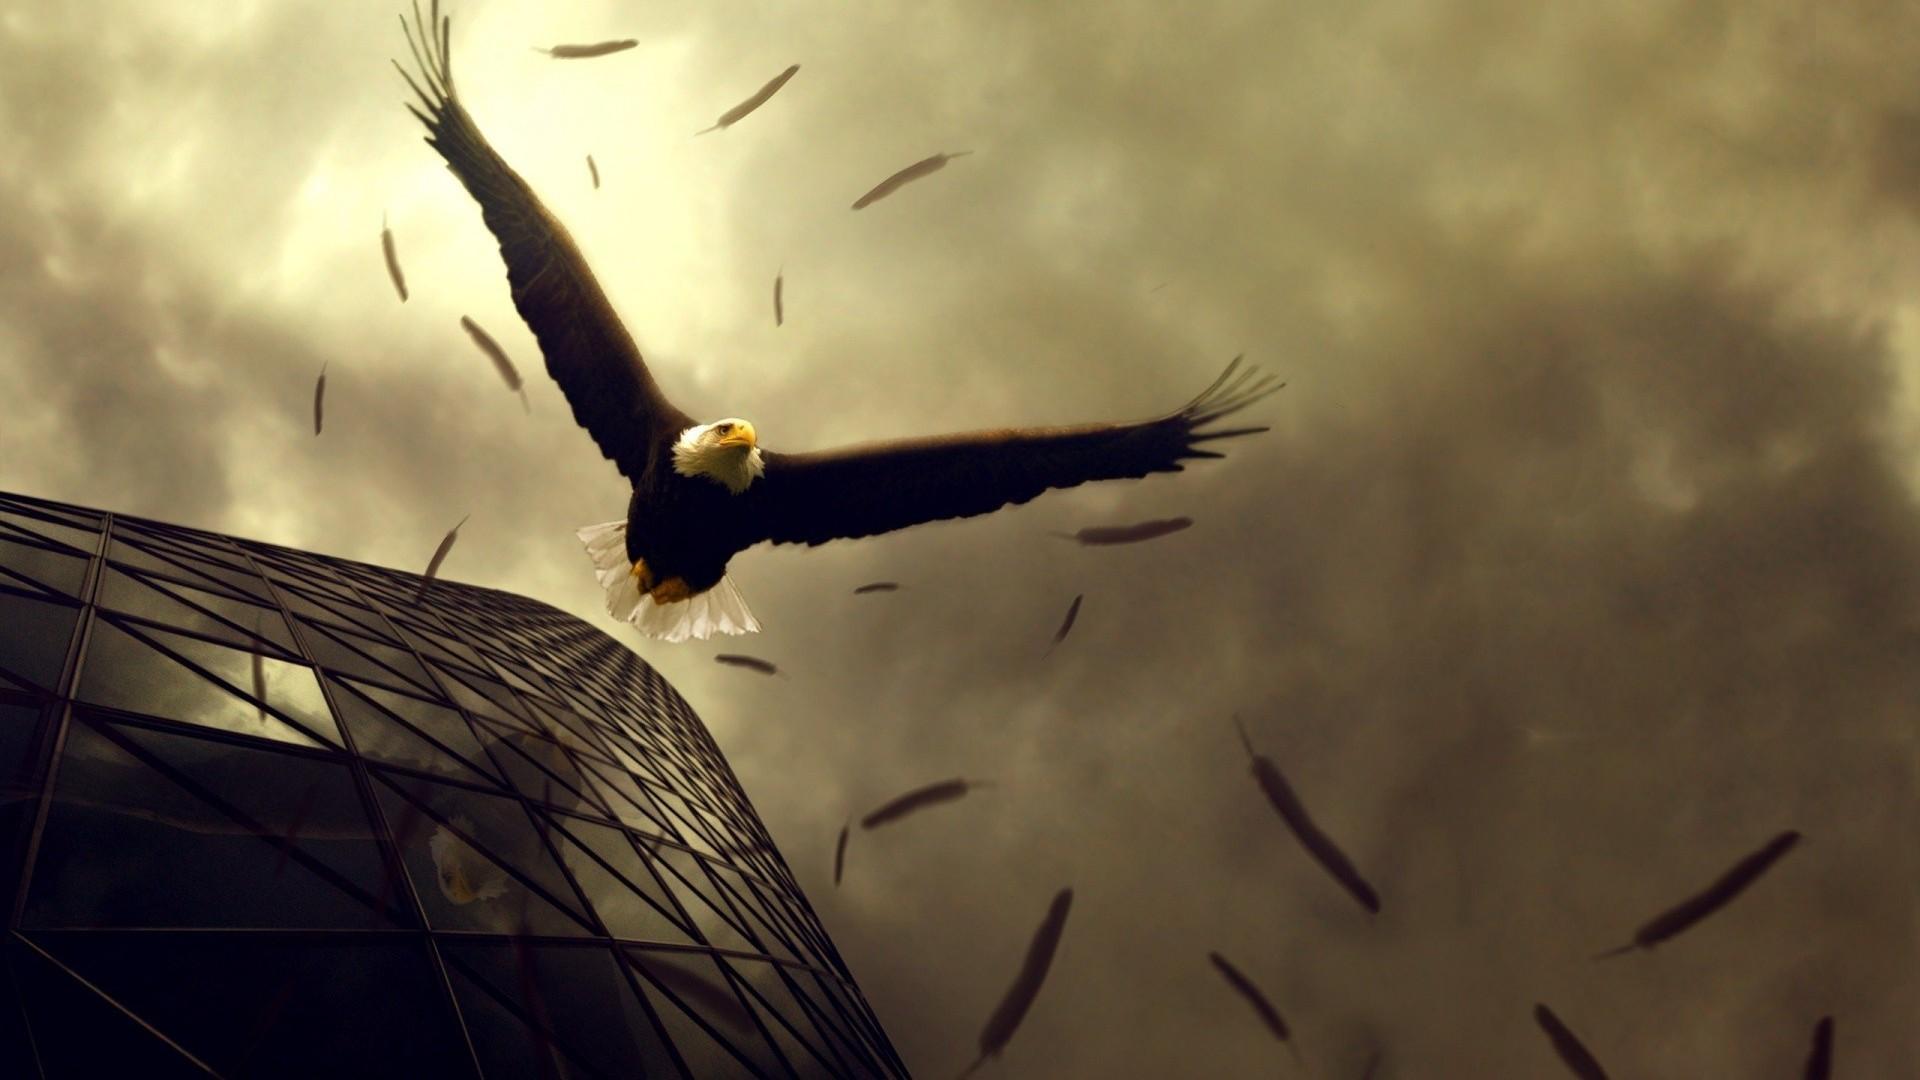 Download Flying Bald Eagle wallpaper